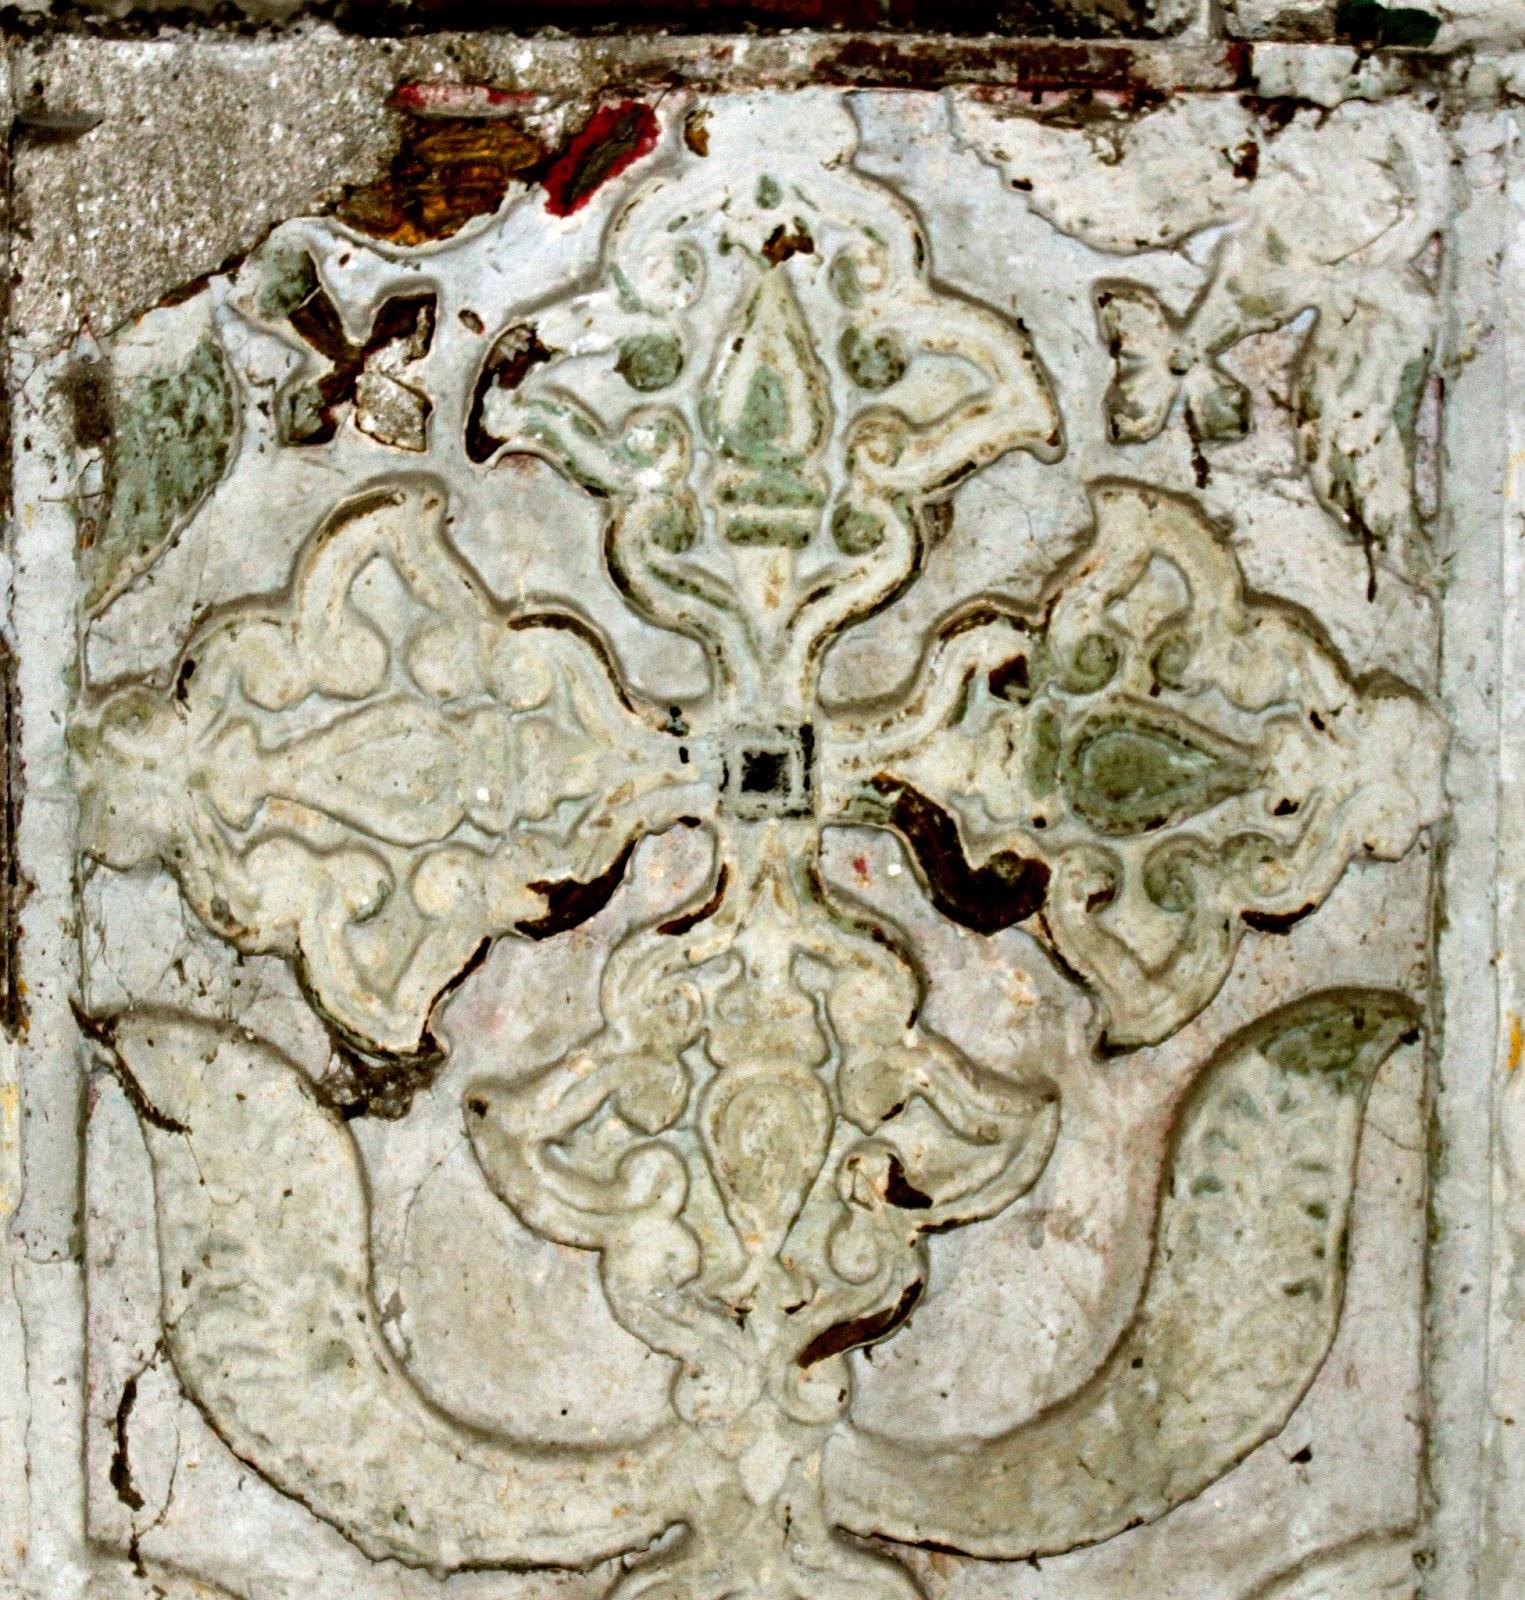 Caspian Cross (Caucasian Albania - Azerbaijan)